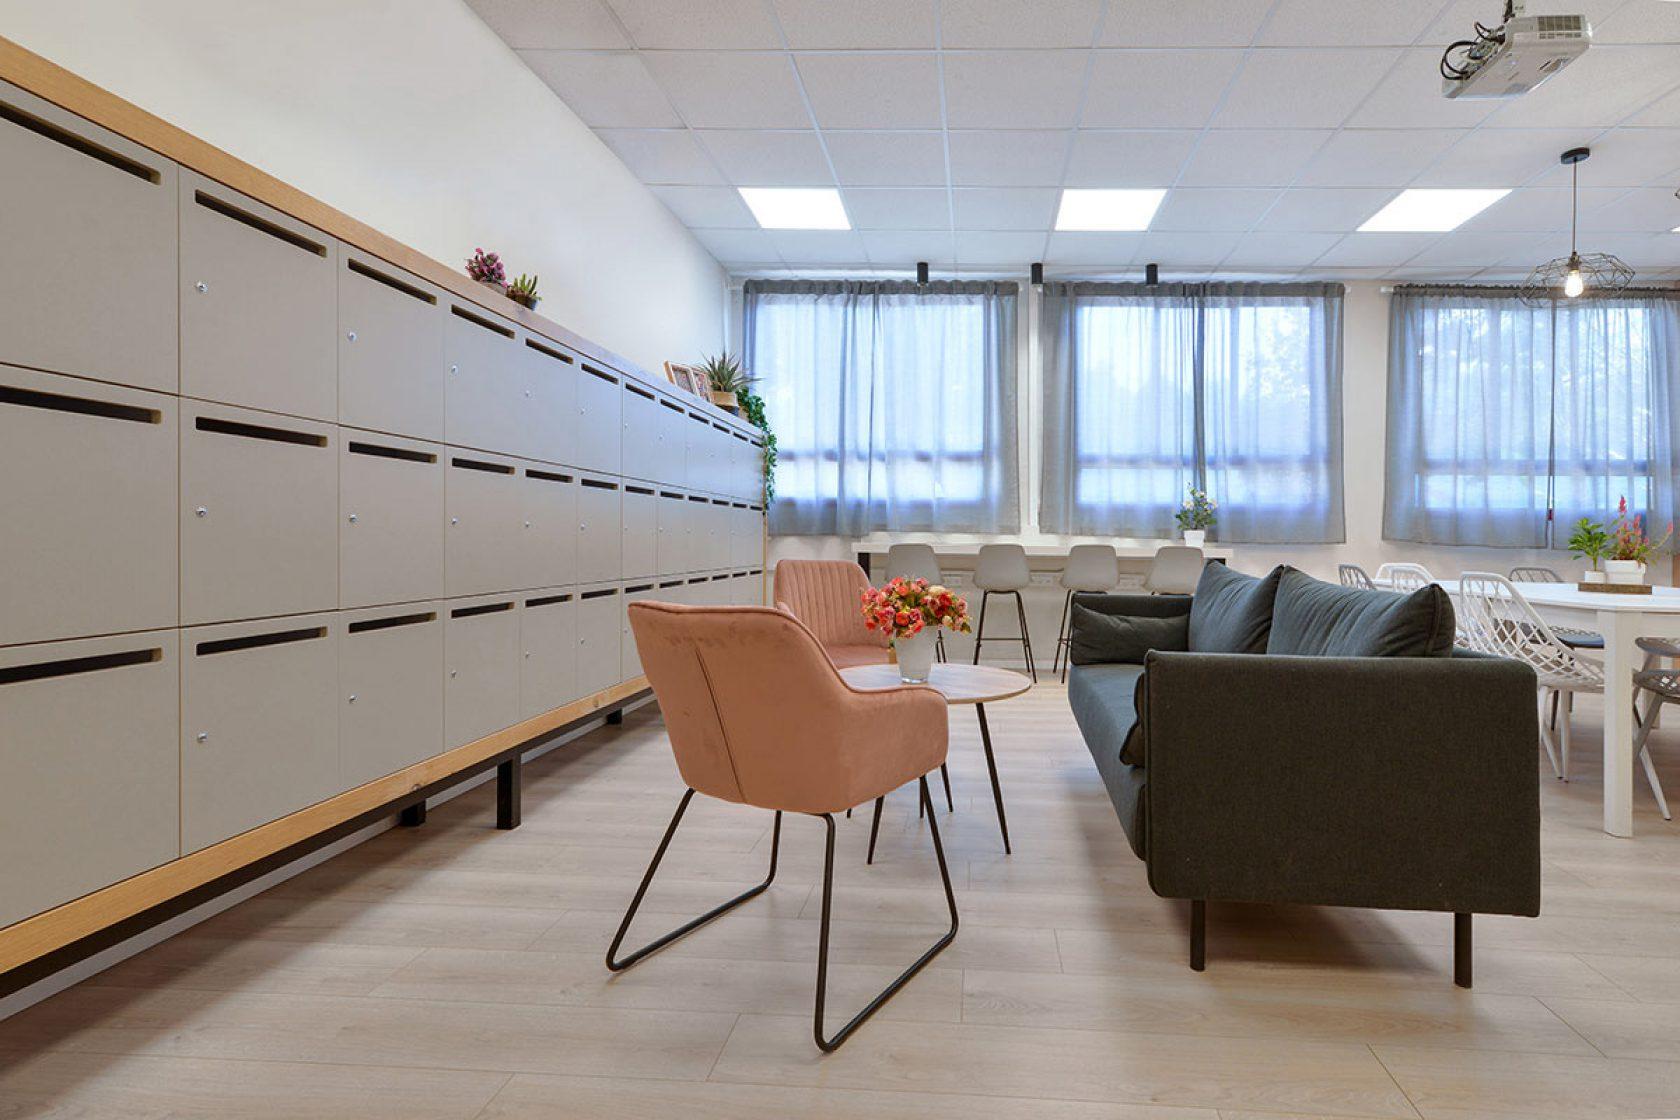 Teacher's Lounge <br/>Ben-Zvi school<br/> Nes Ziona